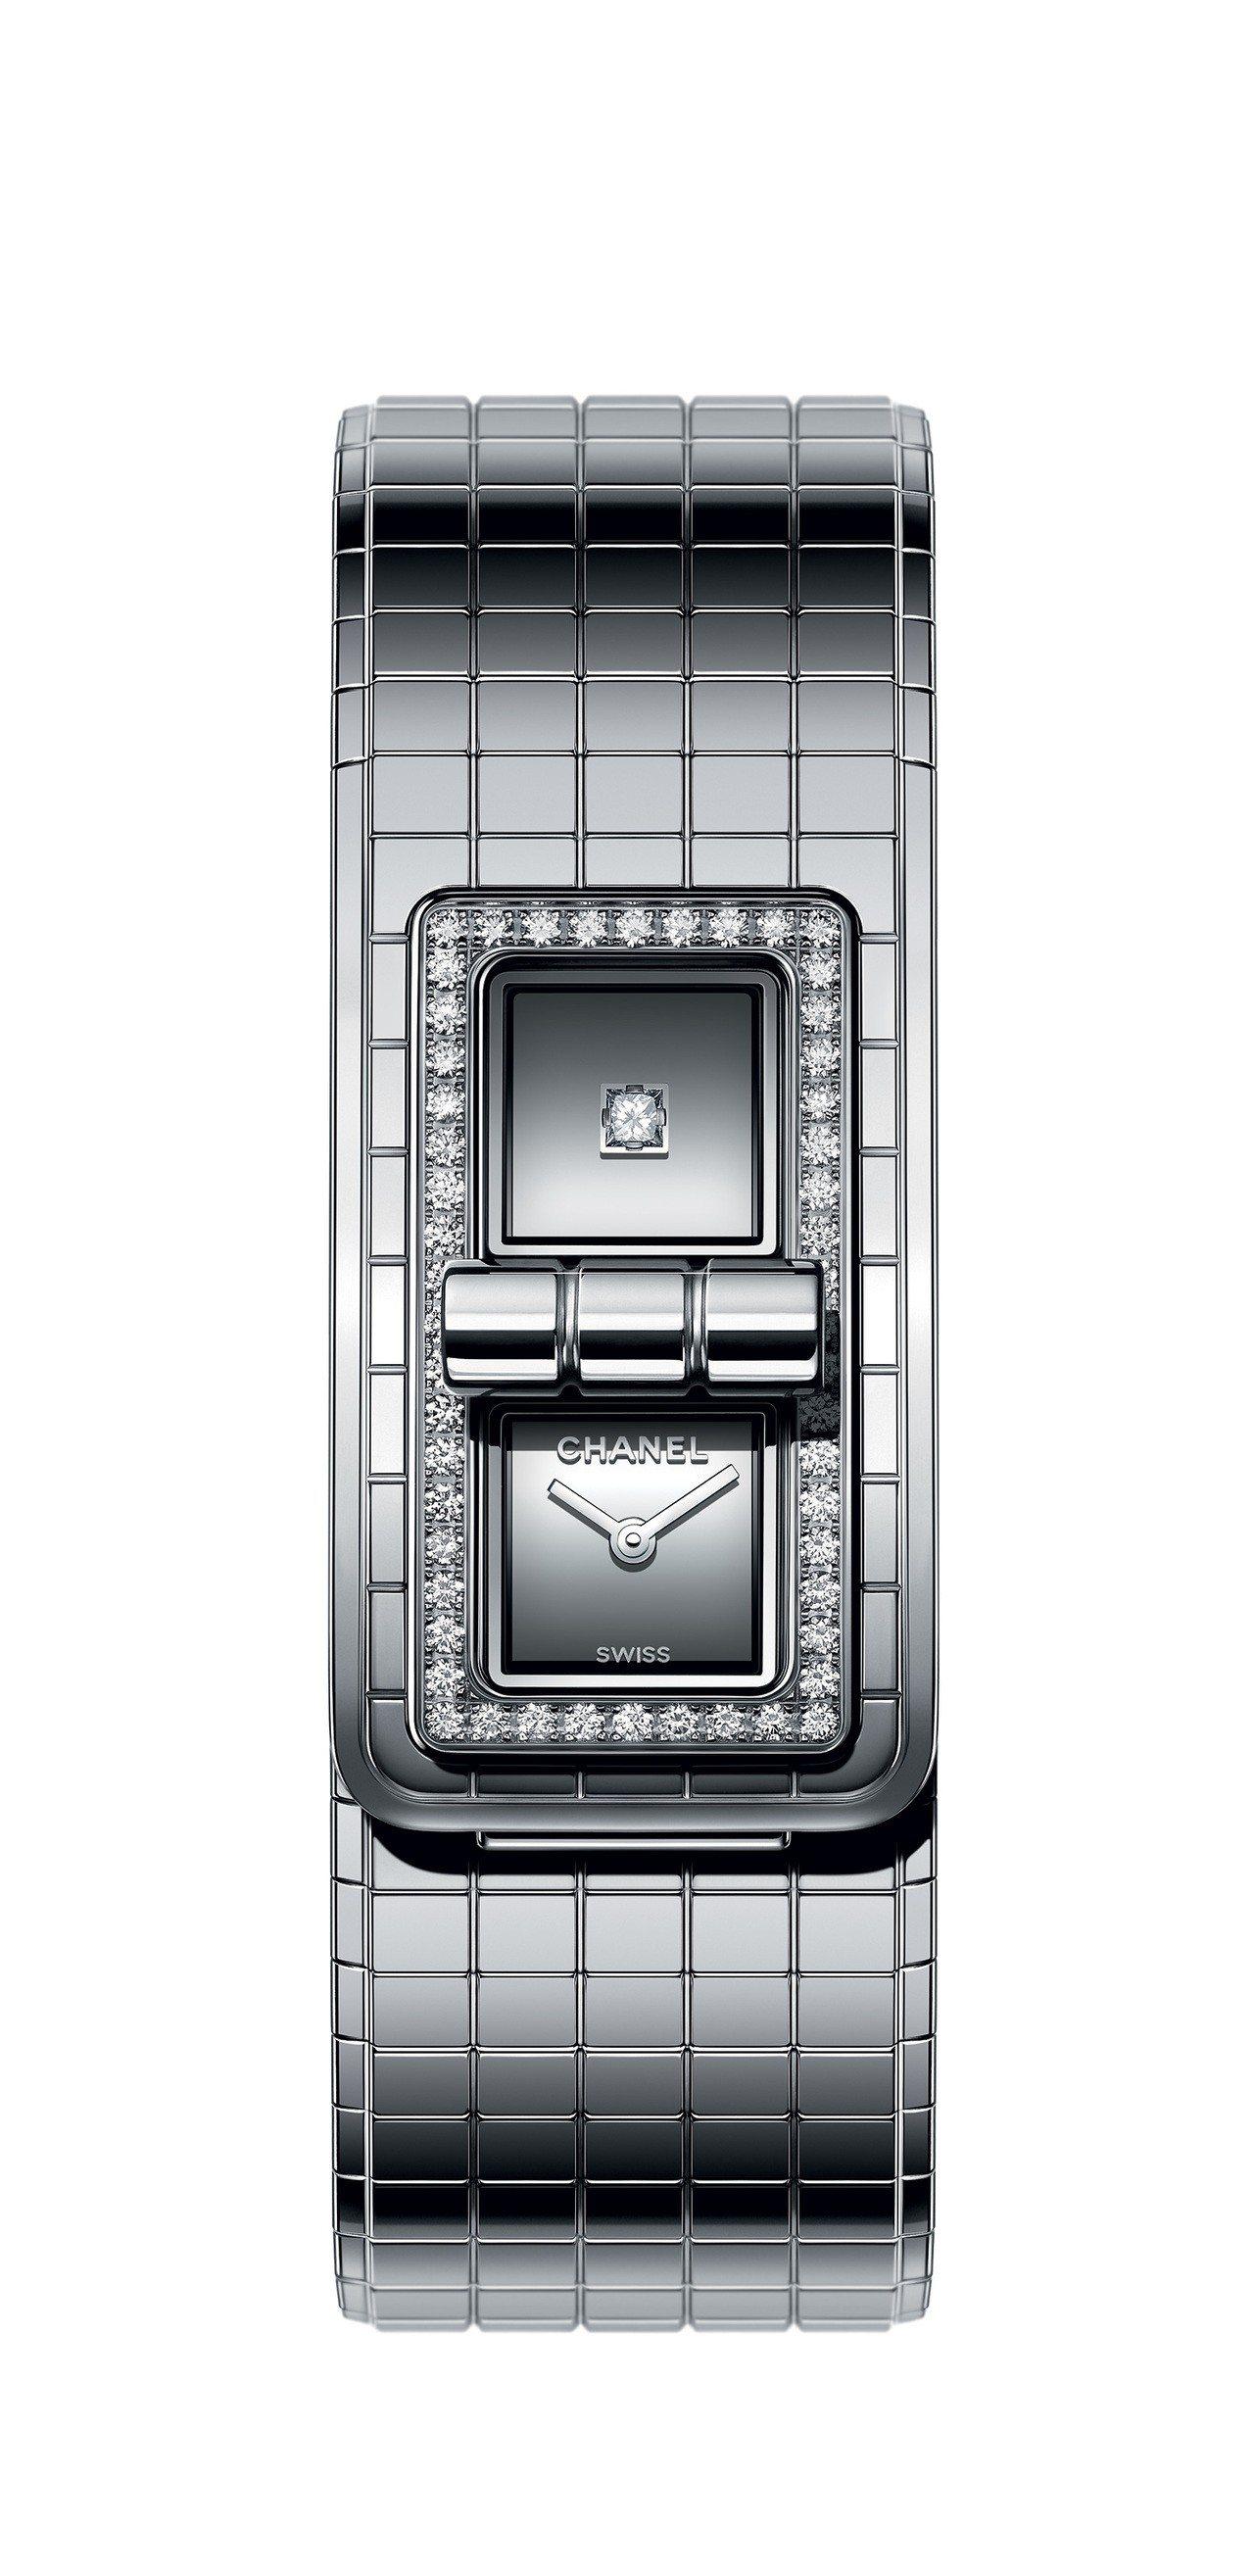 限量版的精鋼材質Code Coco腕表,搭配鑲嵌鑽石的表圈與鏡面玻璃。圖/香奈兒...